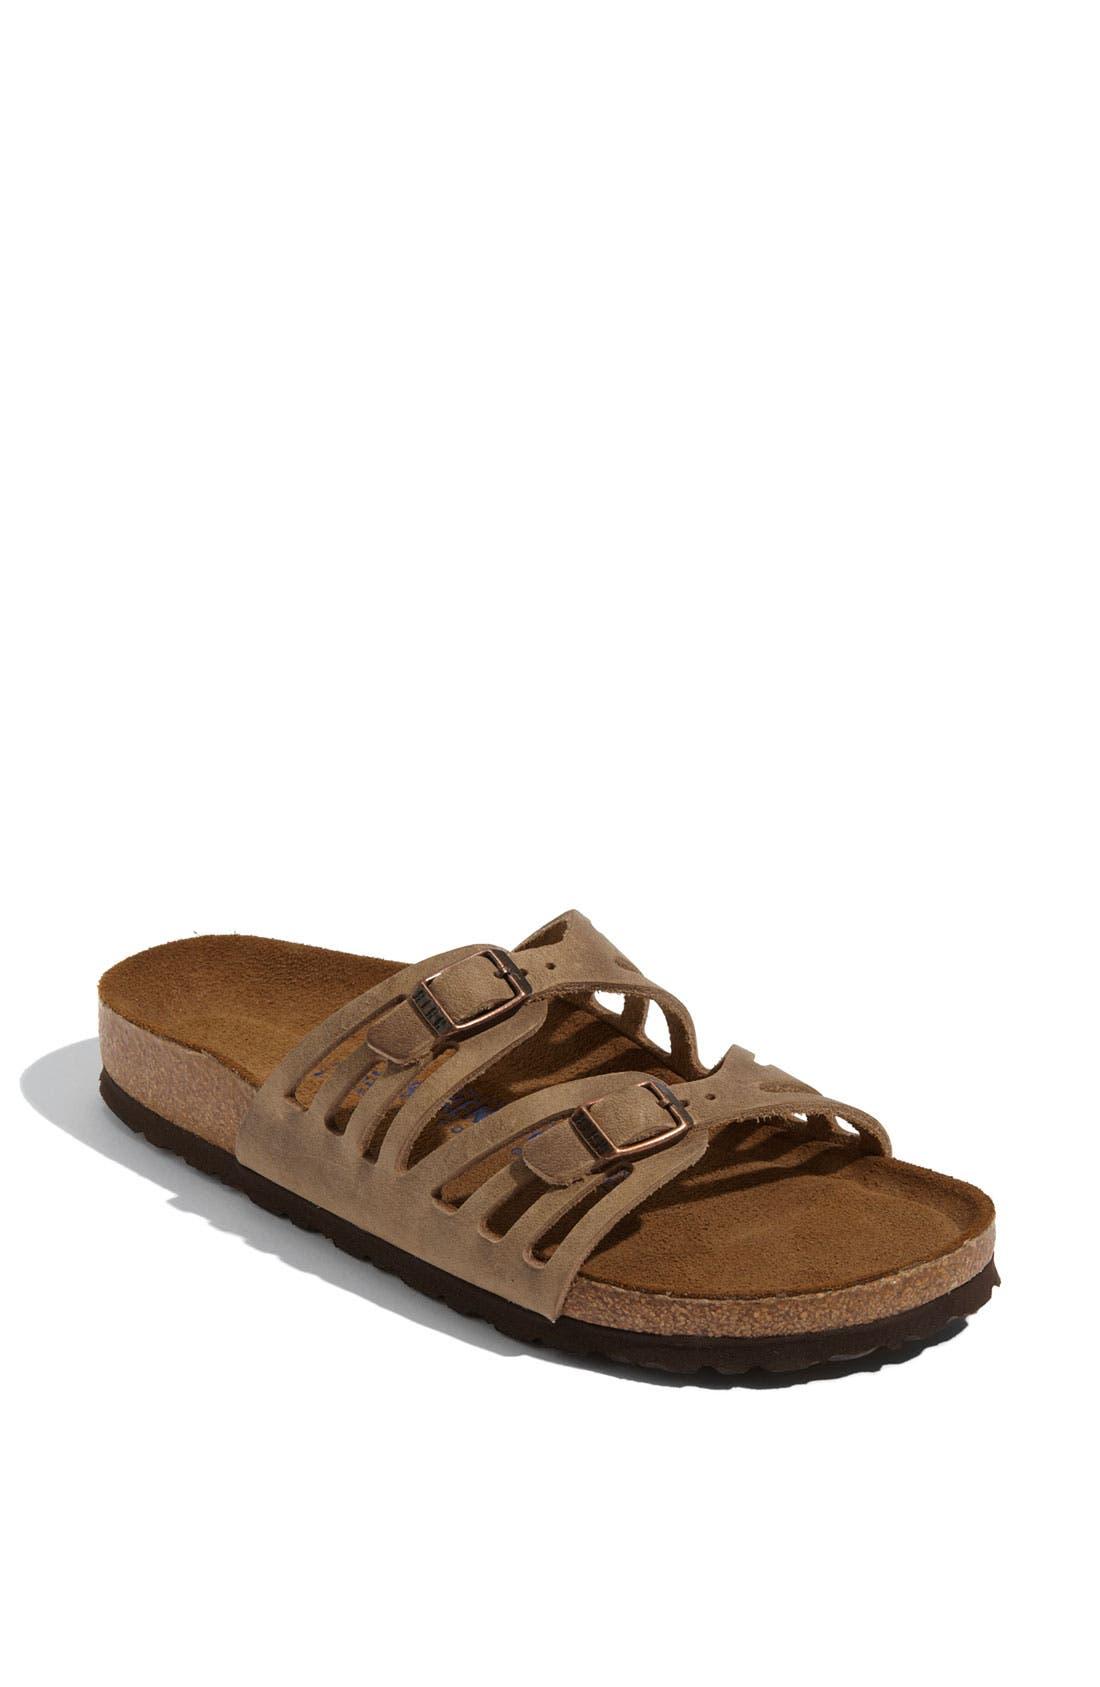 cd33deb66621 Slip-Ons Birkenstock Sandals